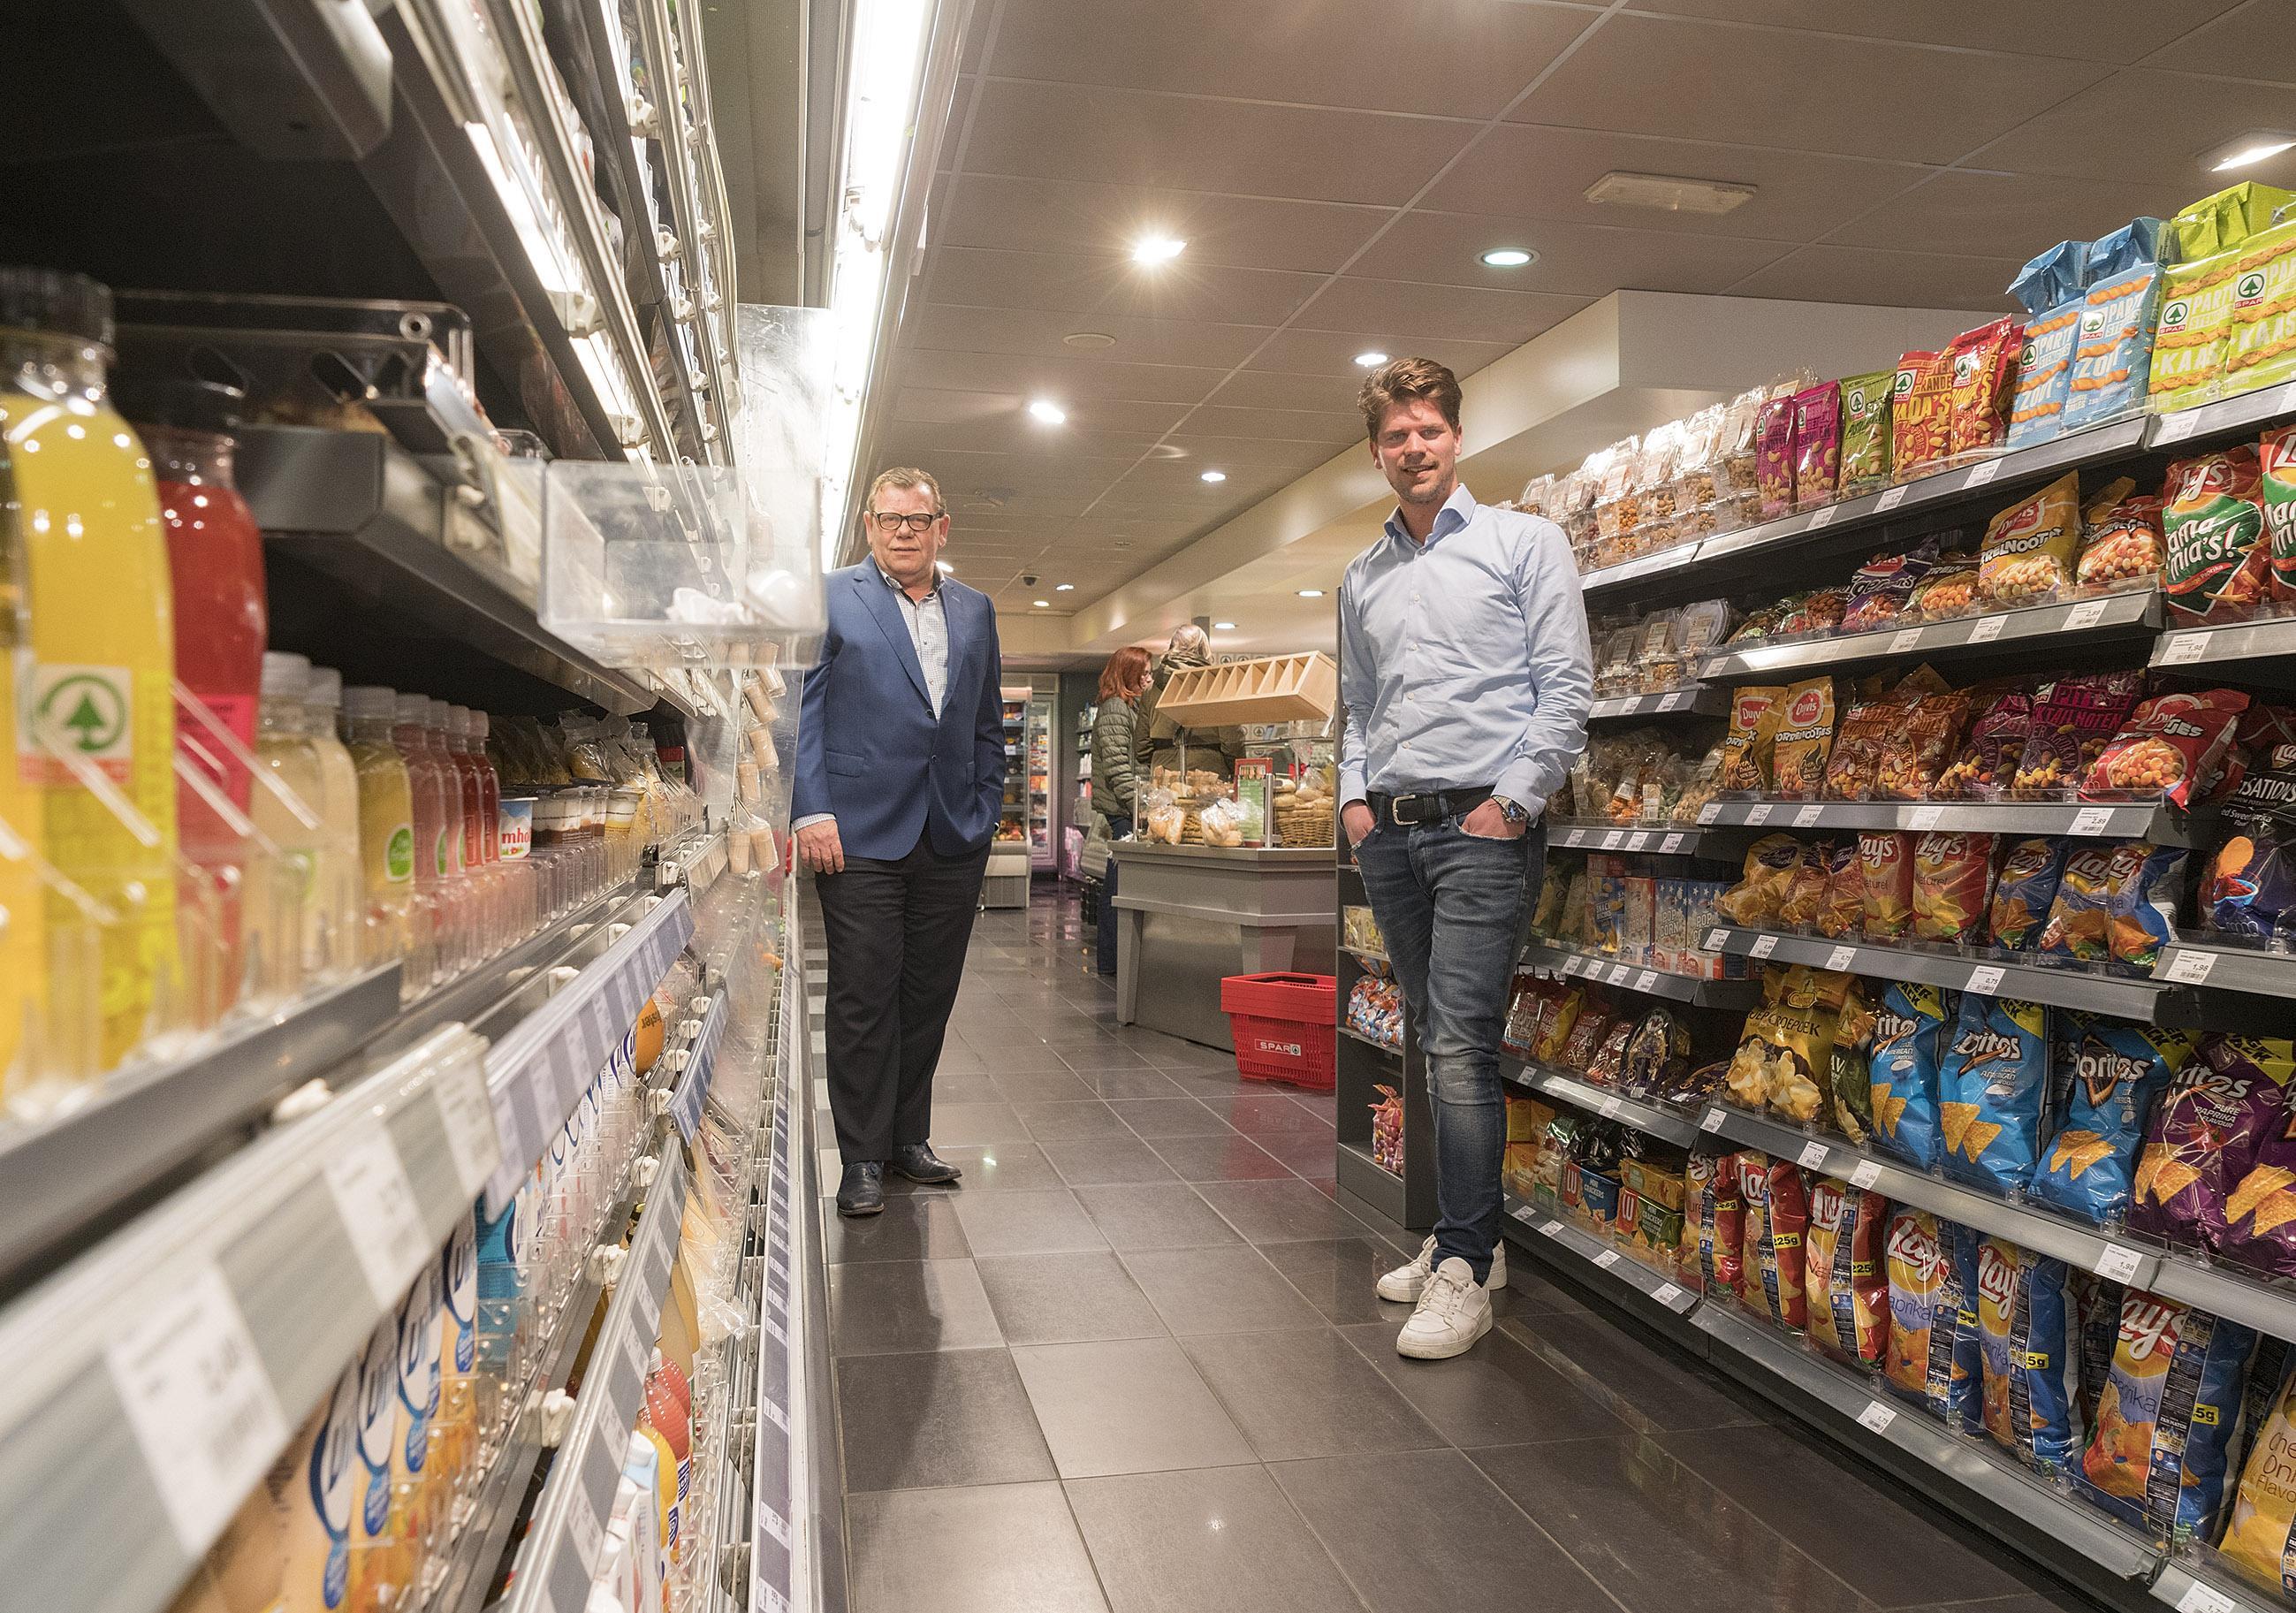 Avondwinkel Spar aan de Dijk in Alkmaar kan gewoon tot twaalf uur open blijven. Klanten accepteren dat ze geen alcohol mogen kopen